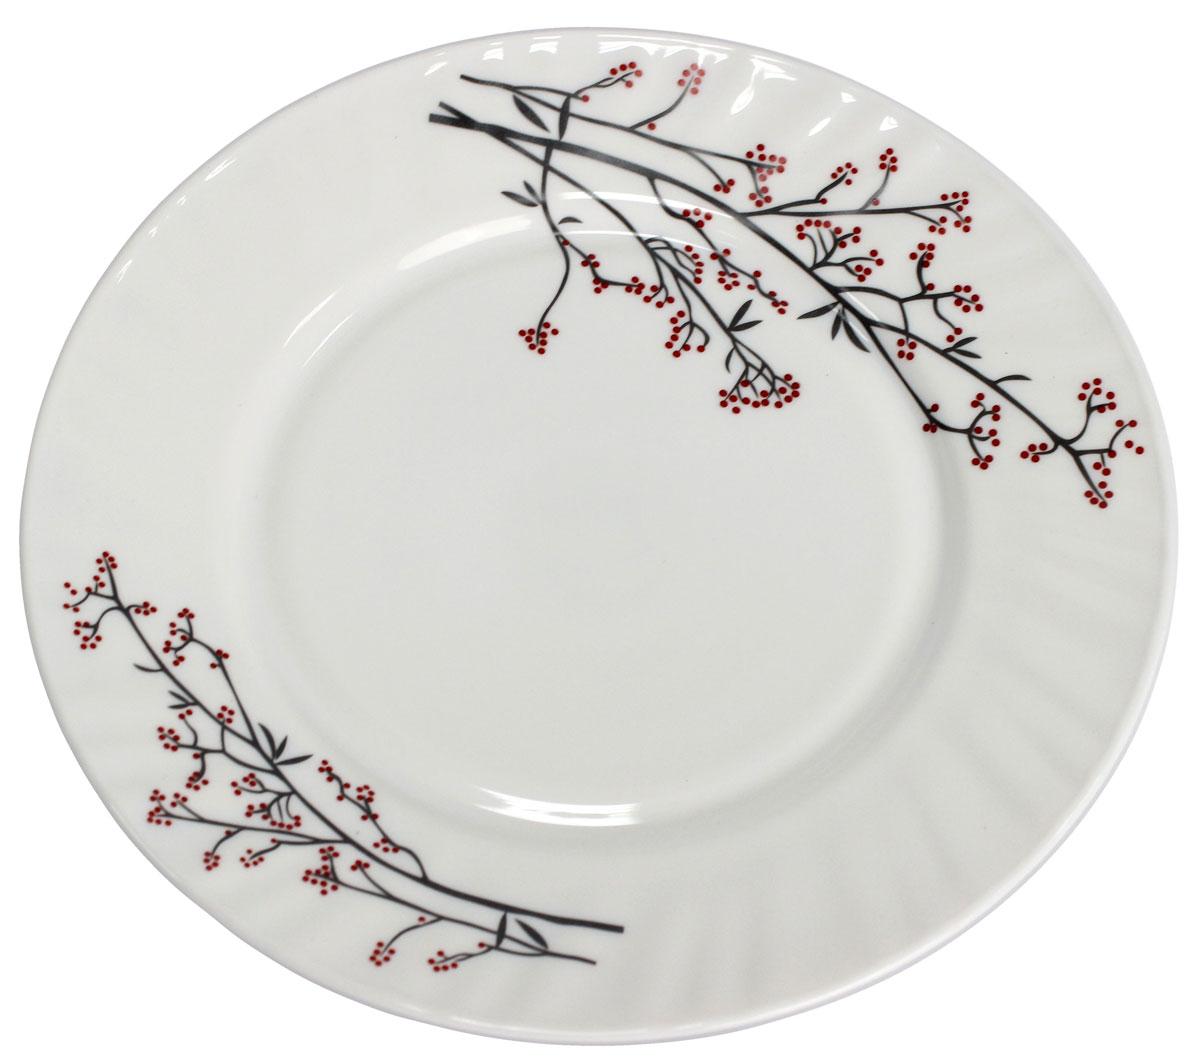 Тарелка десертная Марисса, 17,7 см. 818917115510Тарелка десертная Марисса изготовлена из опалового стекла. Тарелка - важнейший предмет любого застолья. Изделие выполнено в белом цвете и оформлено красивым цветочным рисунком. Будучи во главе стола, она привлекает к себе основное внимание. А это значит - рисунок, цвет и материал играют немаловажную роль.